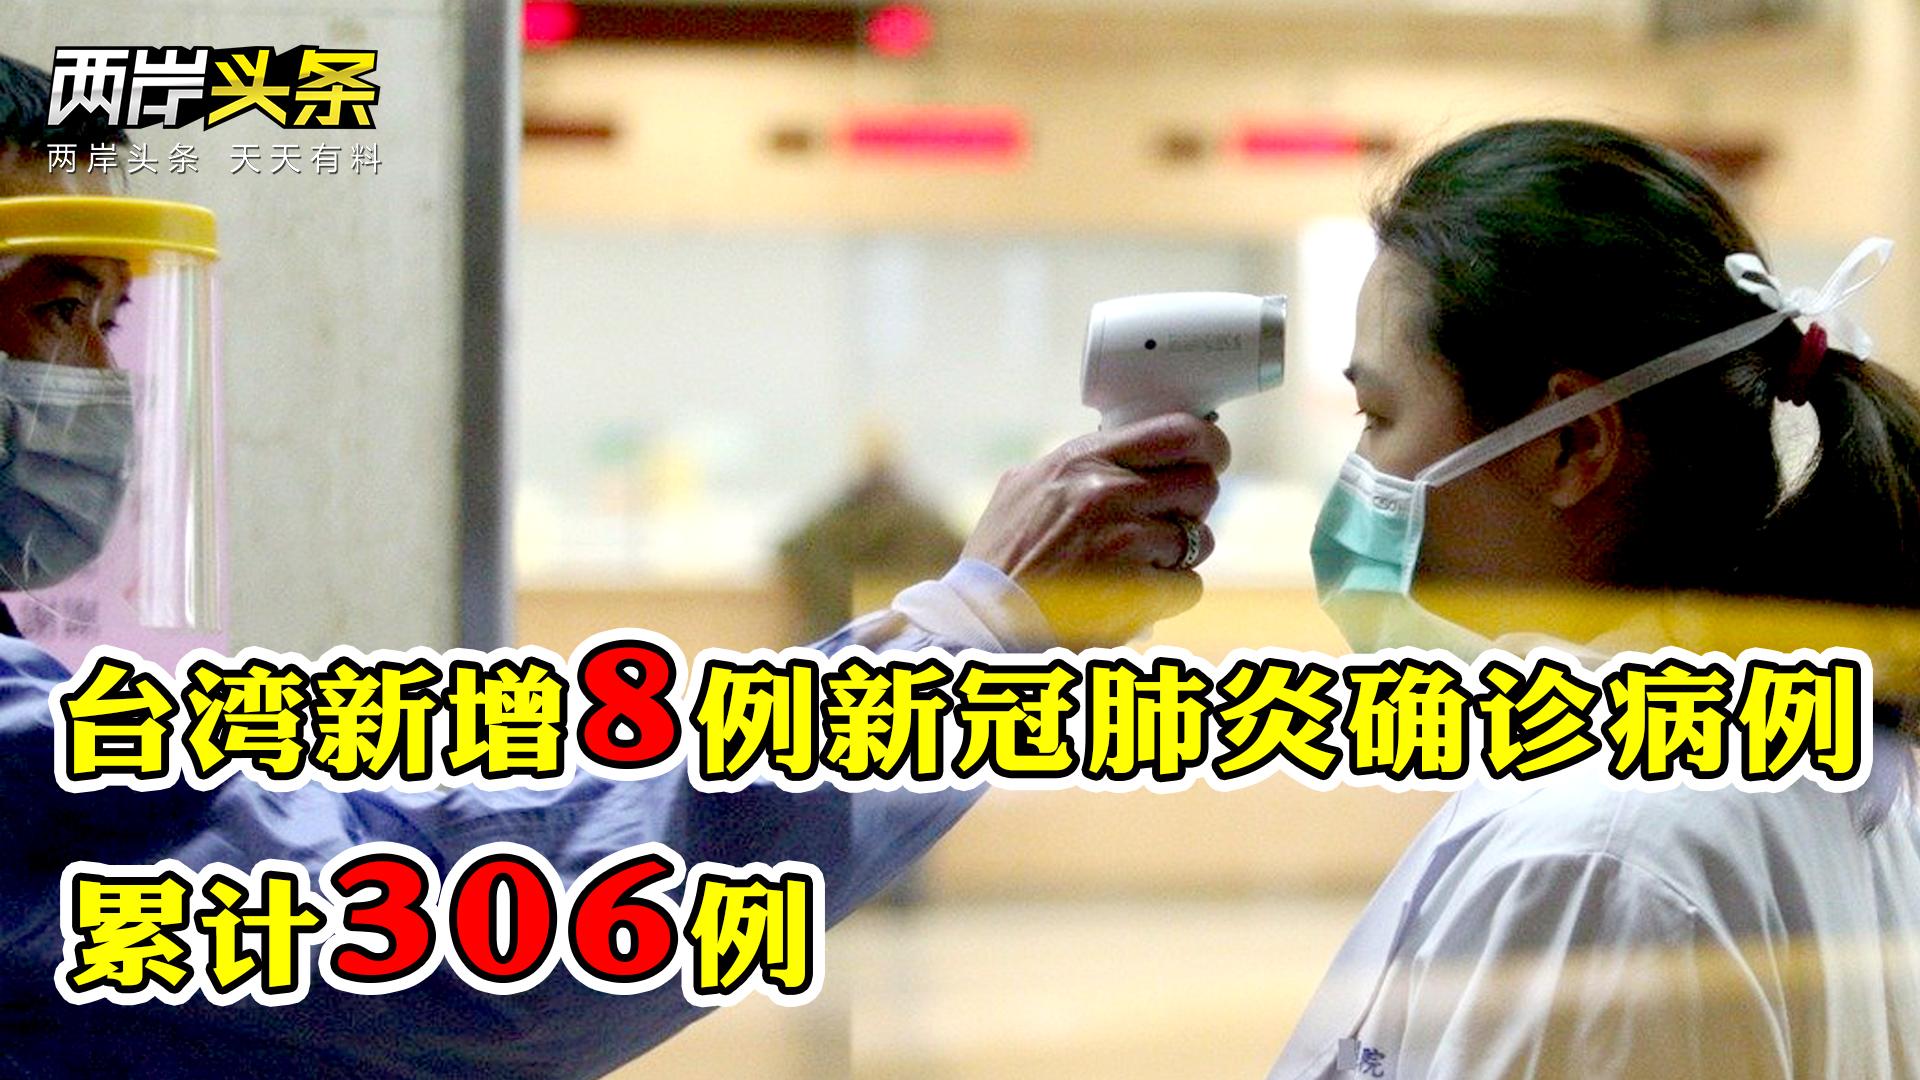 臺灣新增8例新冠肺炎確診病例 累計306例圖片